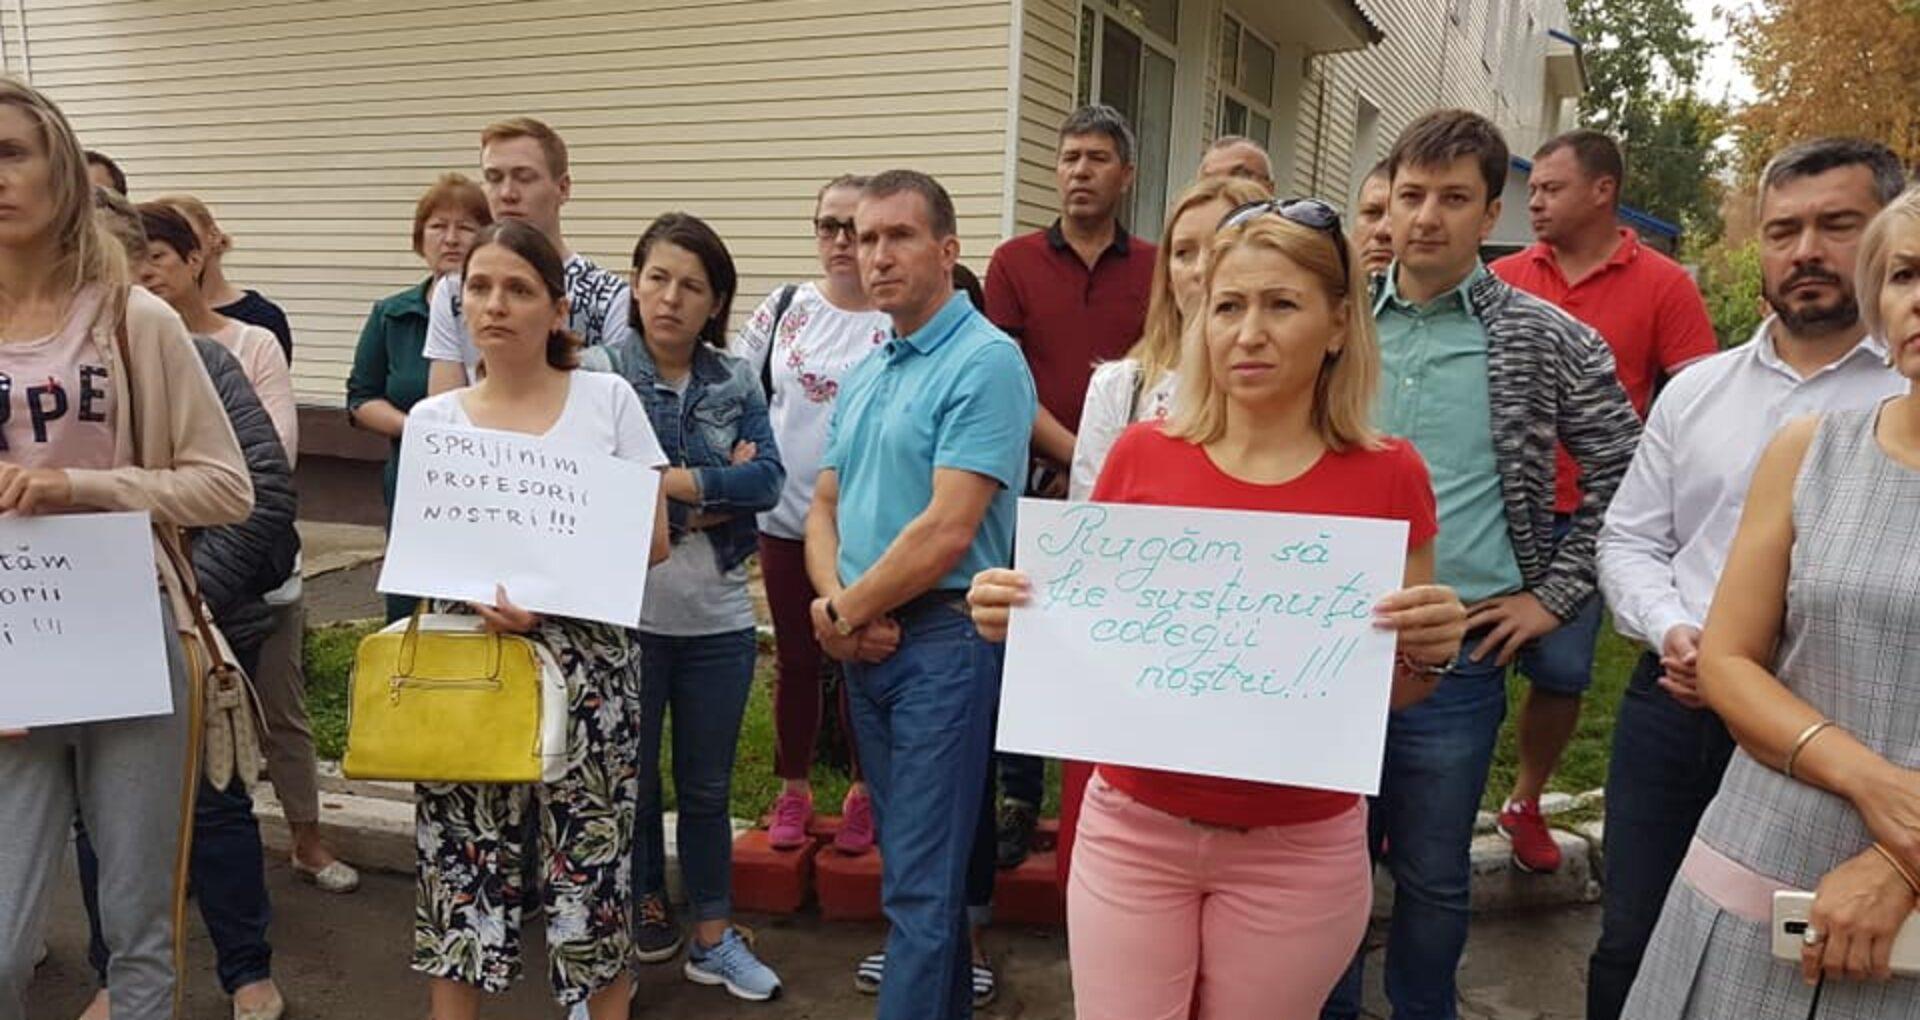 """FOTO. VIDEO/ Părinții și profesorii de la liceul """"Orizont"""" protestează: """"Ne vrem profesorii înapoi"""""""